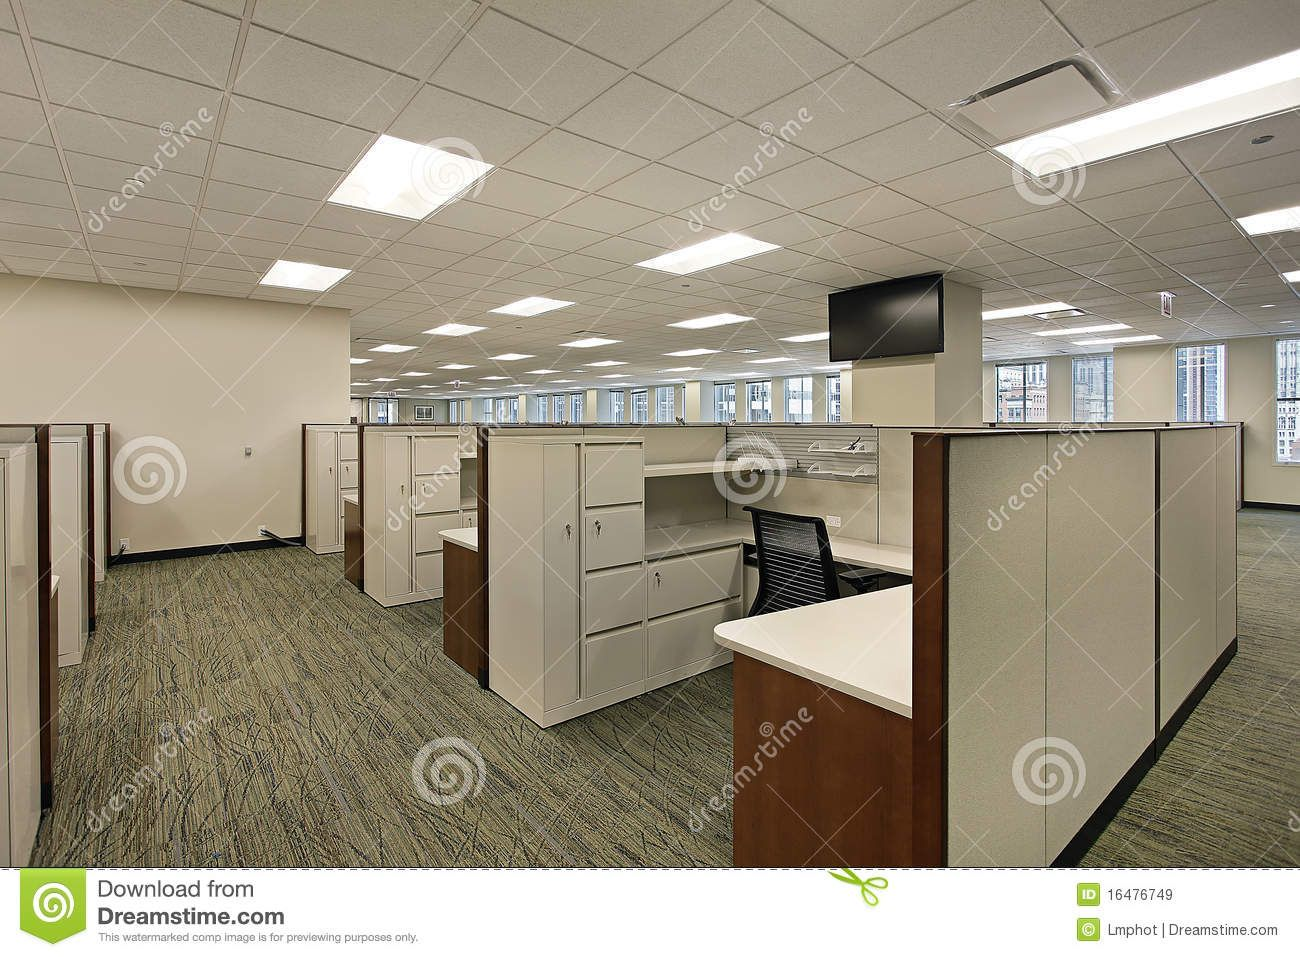 Oficina con cubiculos buscar con google brief for Cubiculos de oficina